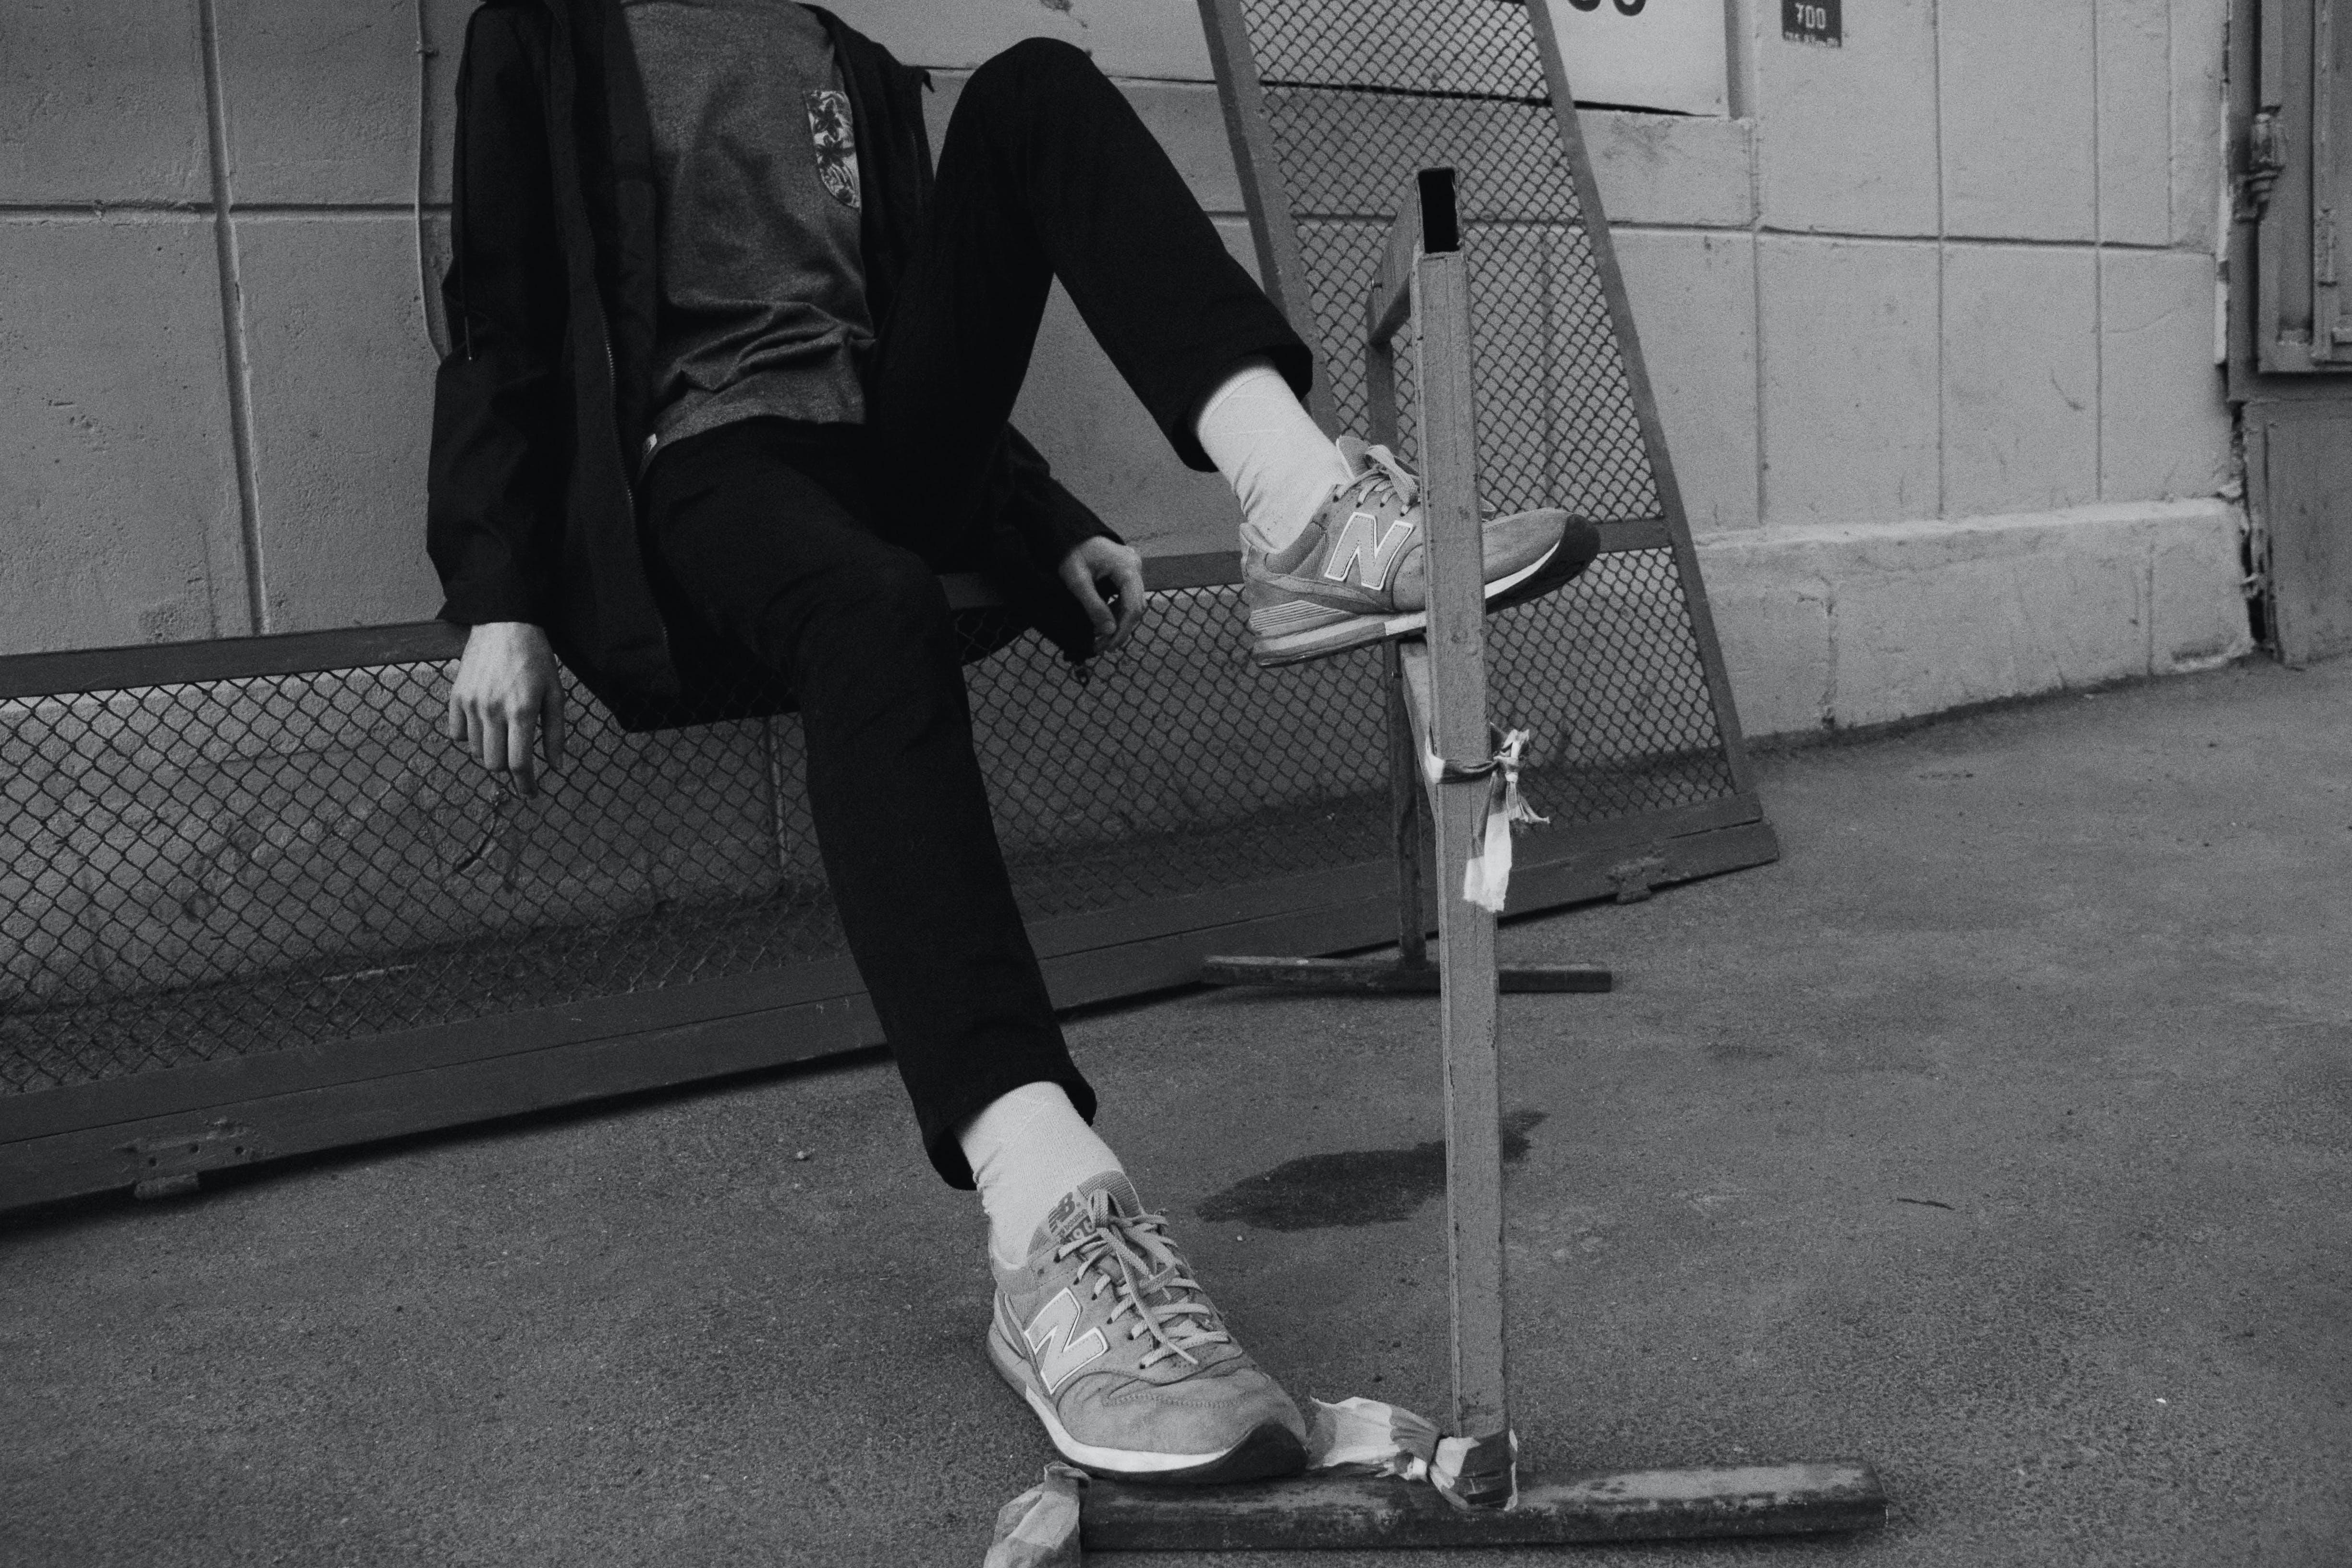 Man Sitting Down on Rails